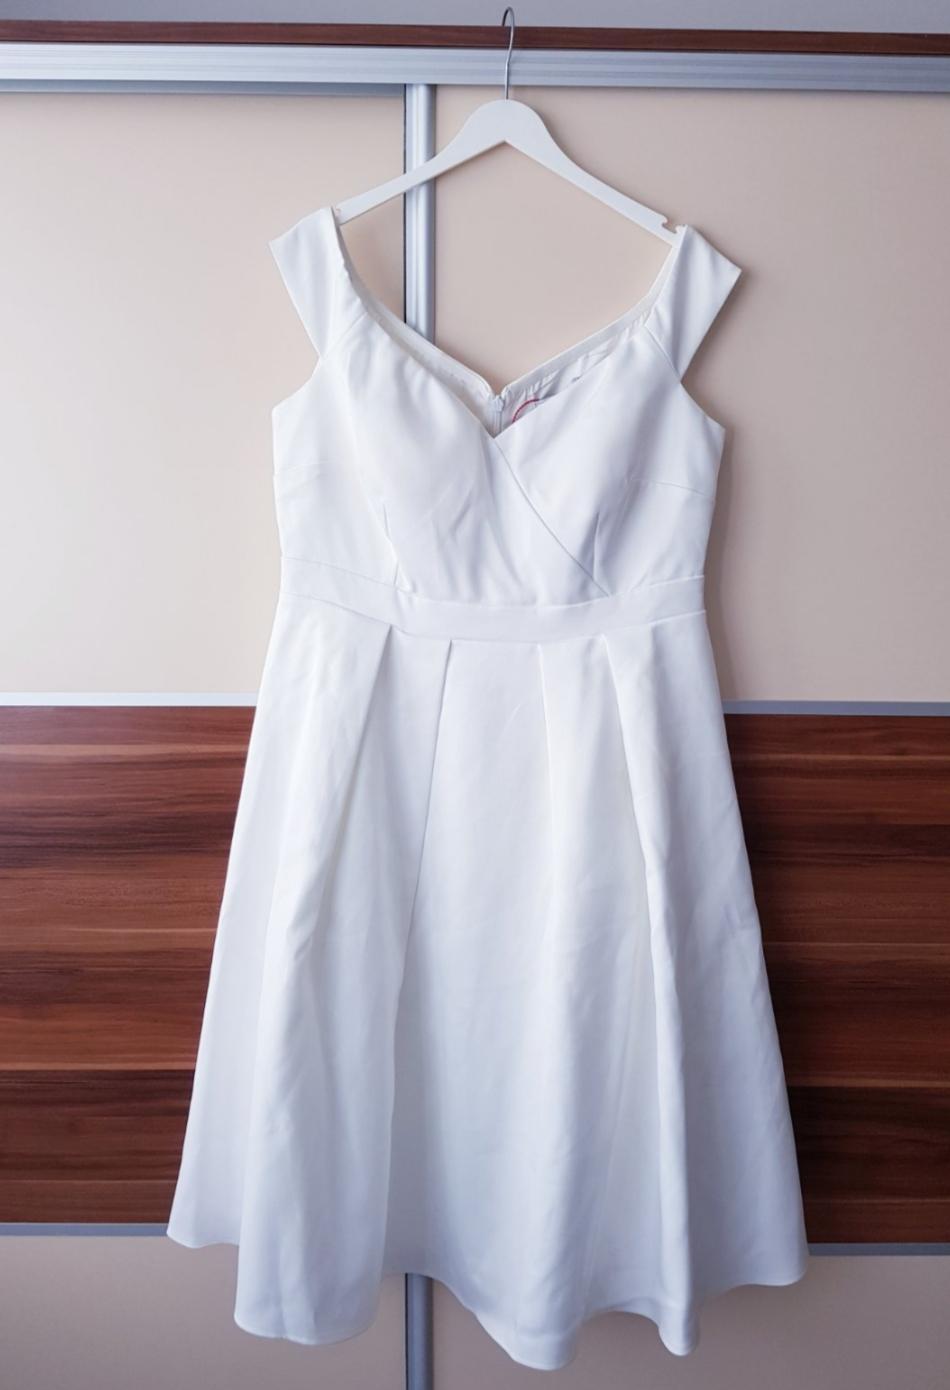 Nepoužité svadobné/popolnočné/spoločenské šaty - Obrázok č. 2